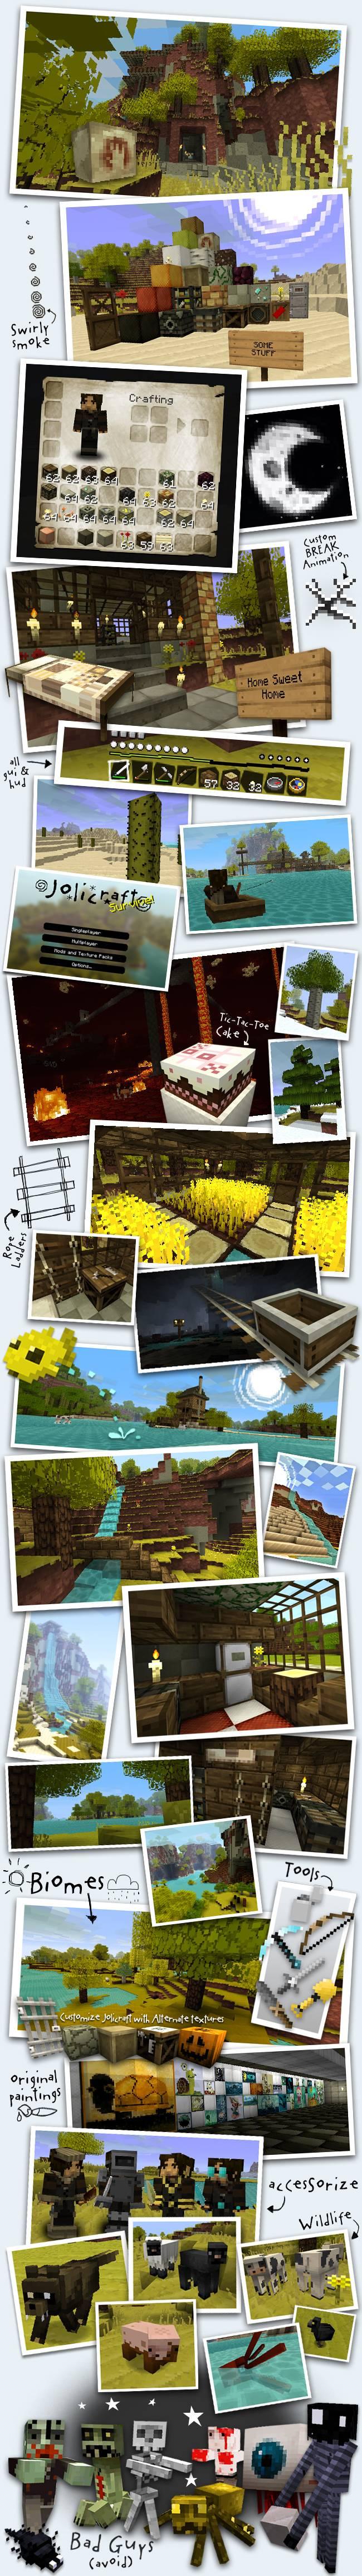 Minecraft Jolicraft Resource Pack 1.17.1